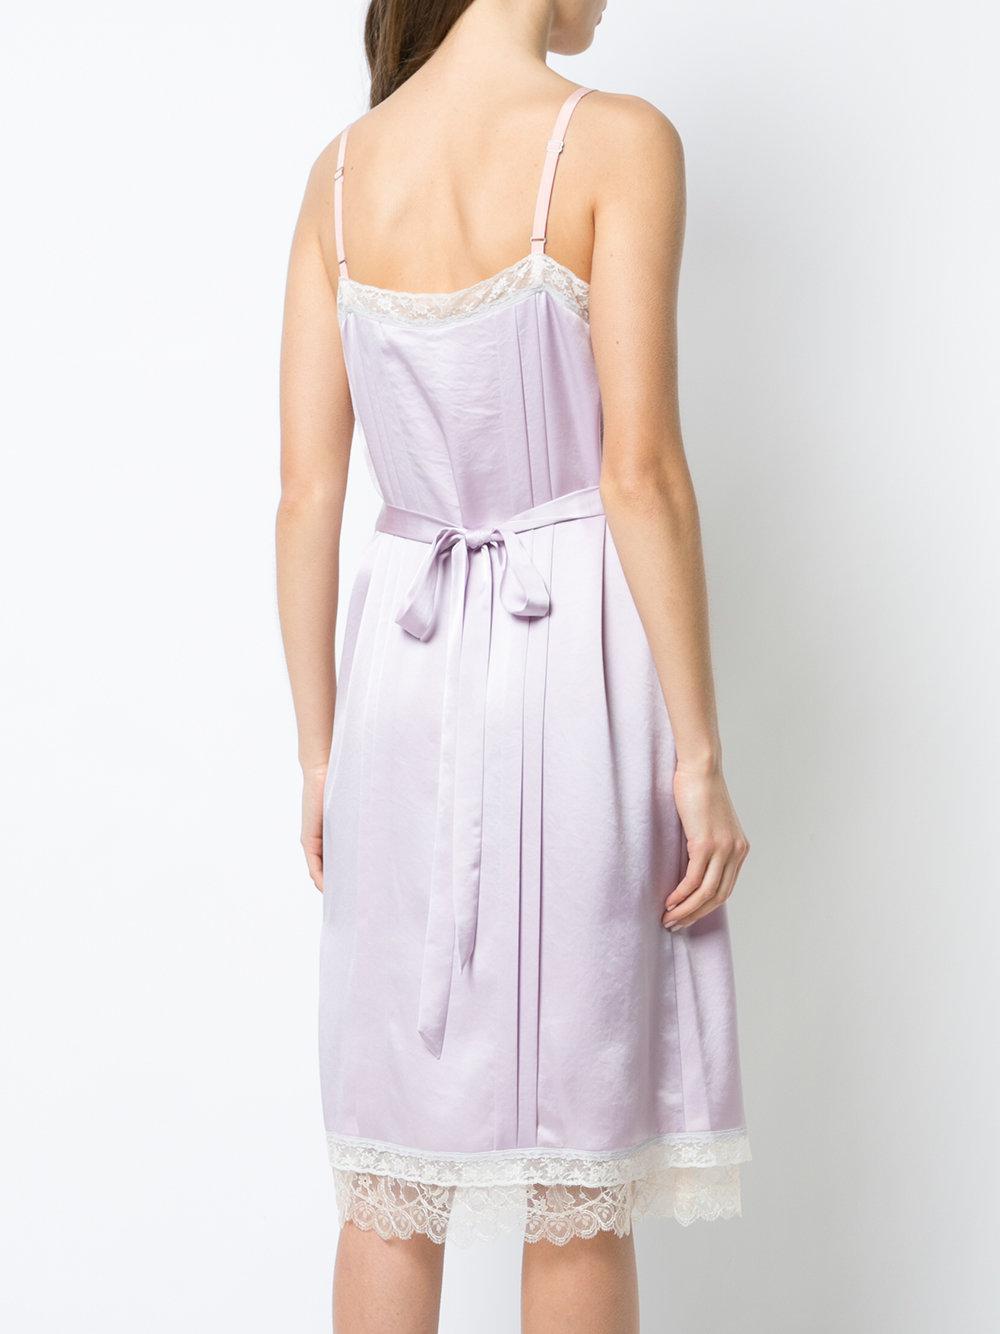 0d4c0c9afc3ca COACH Prairie Rivets Slip Dress in Purple - Lyst